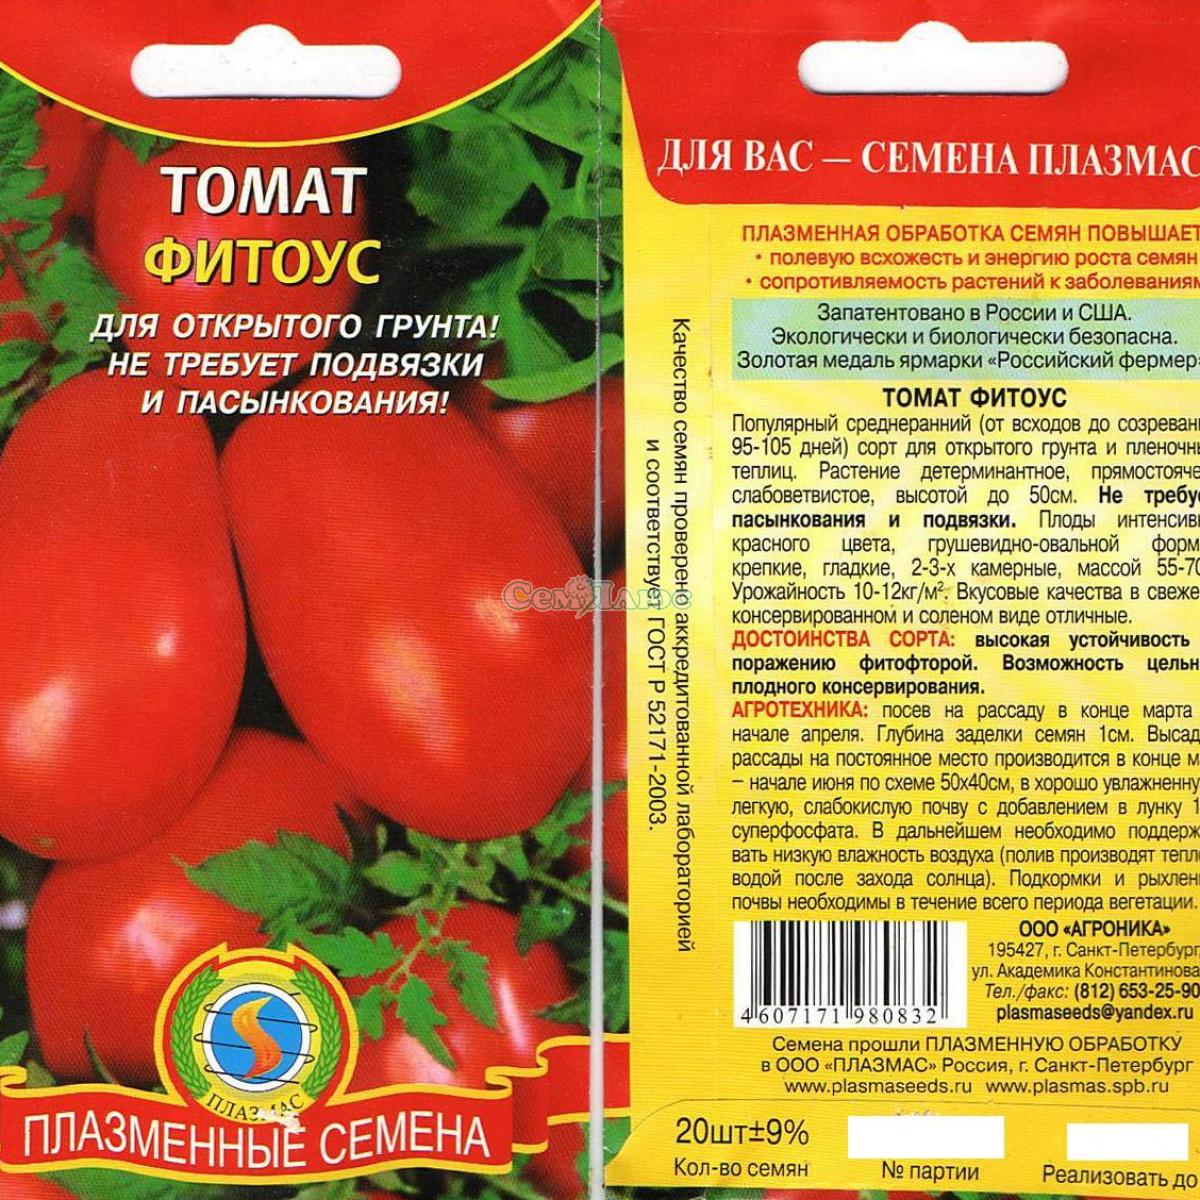 Томат раджа: отзывы, фото, урожайность | tomatland.ru